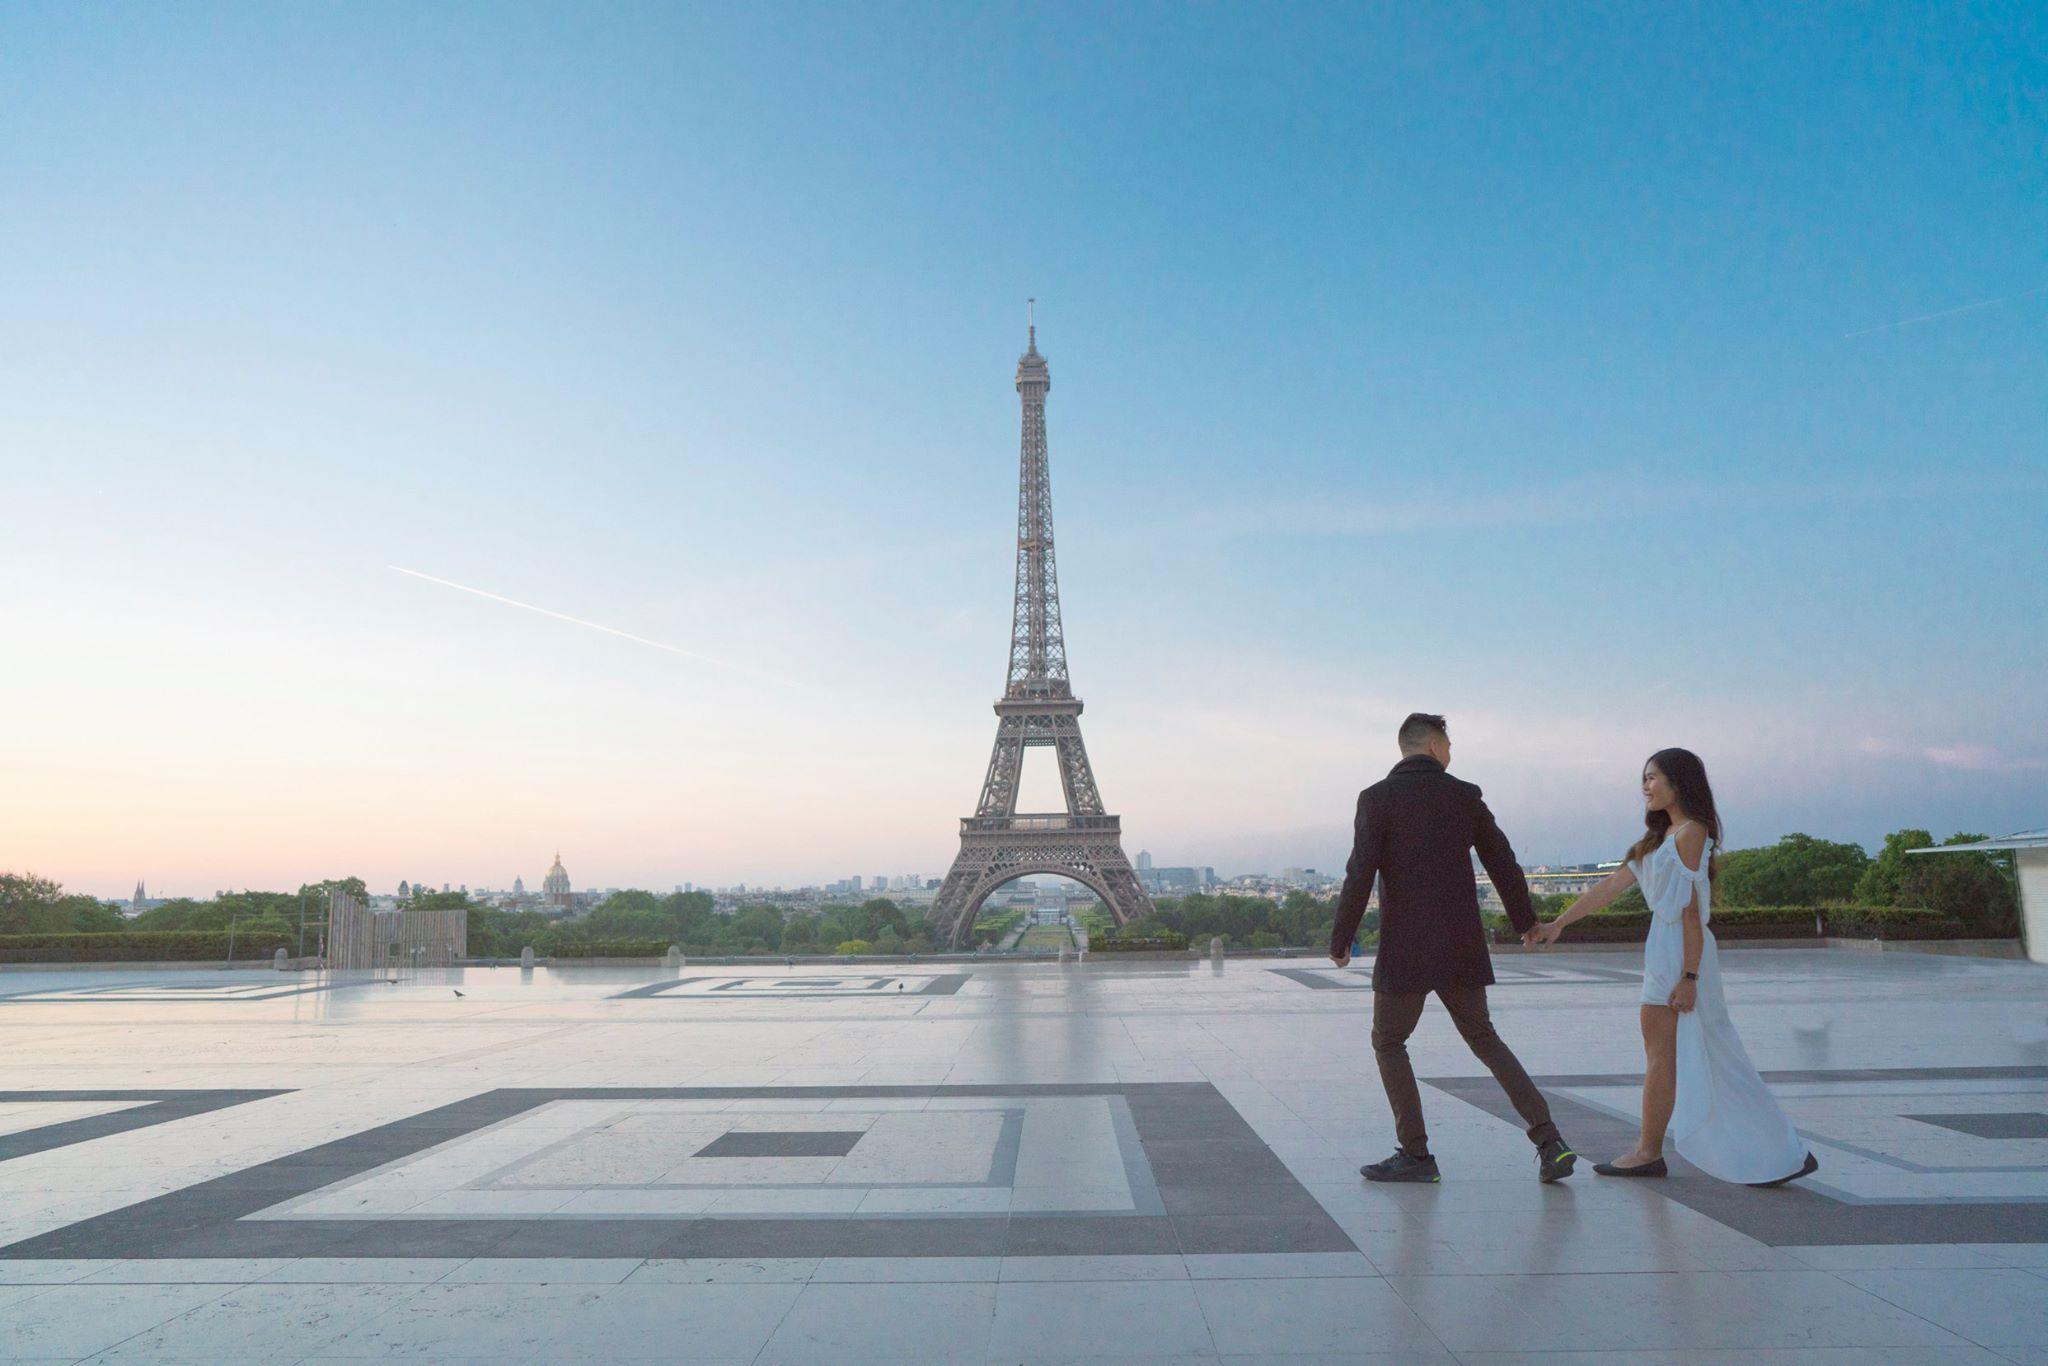 Eiffel Tower Must See in Paris